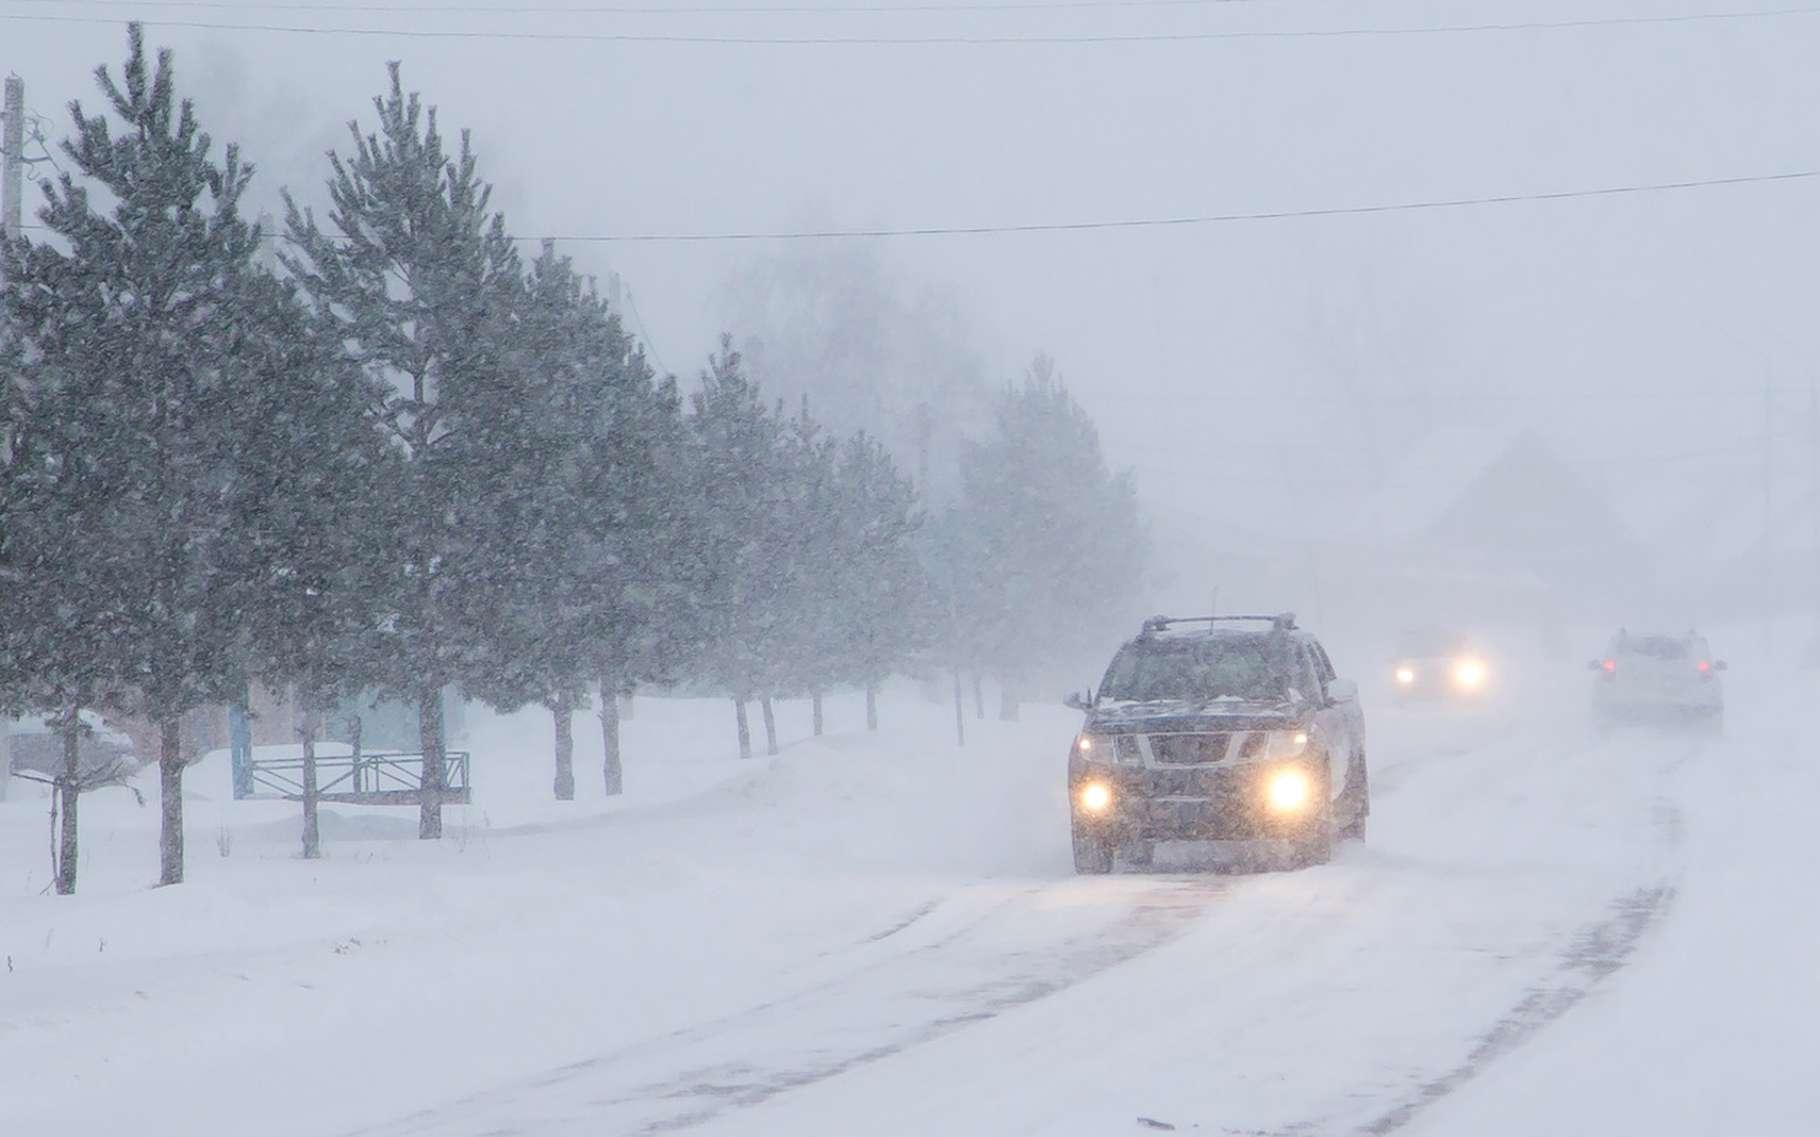 Températures négatives, vents violents et faible visibilité sont les principales caractéristiques du blizzard. © vitec40, Fotolia